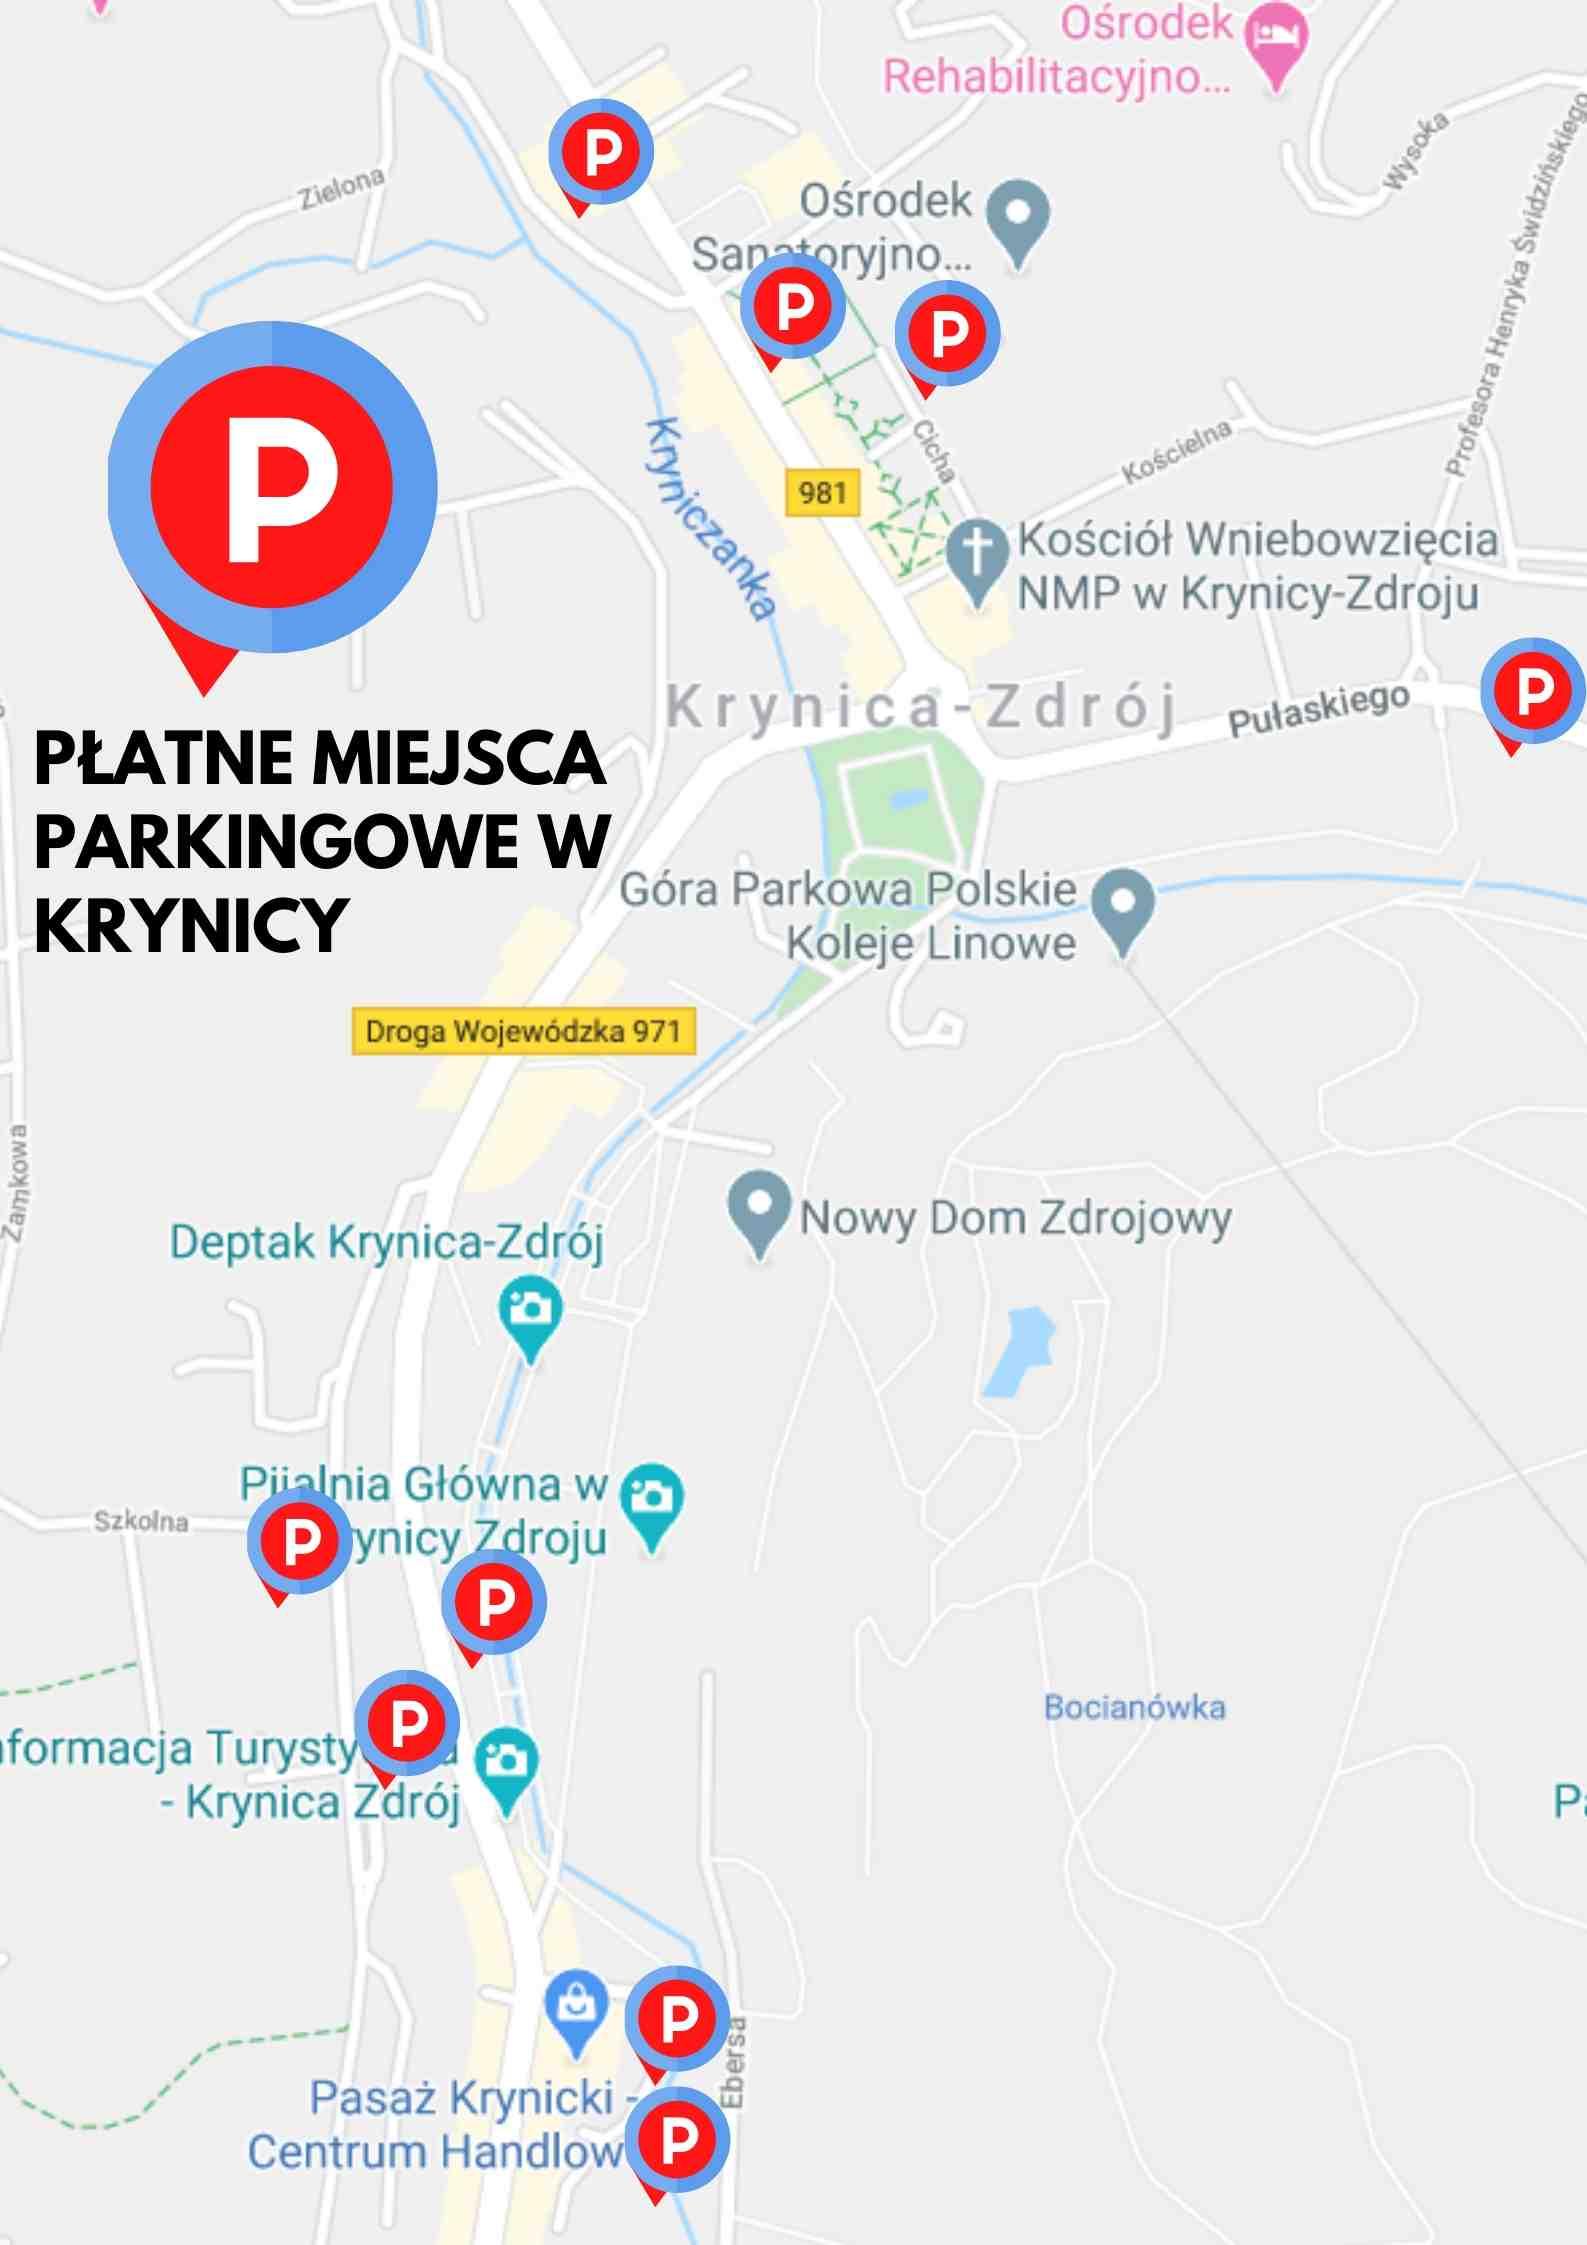 Krynica-Zdrój, parkingi płatne